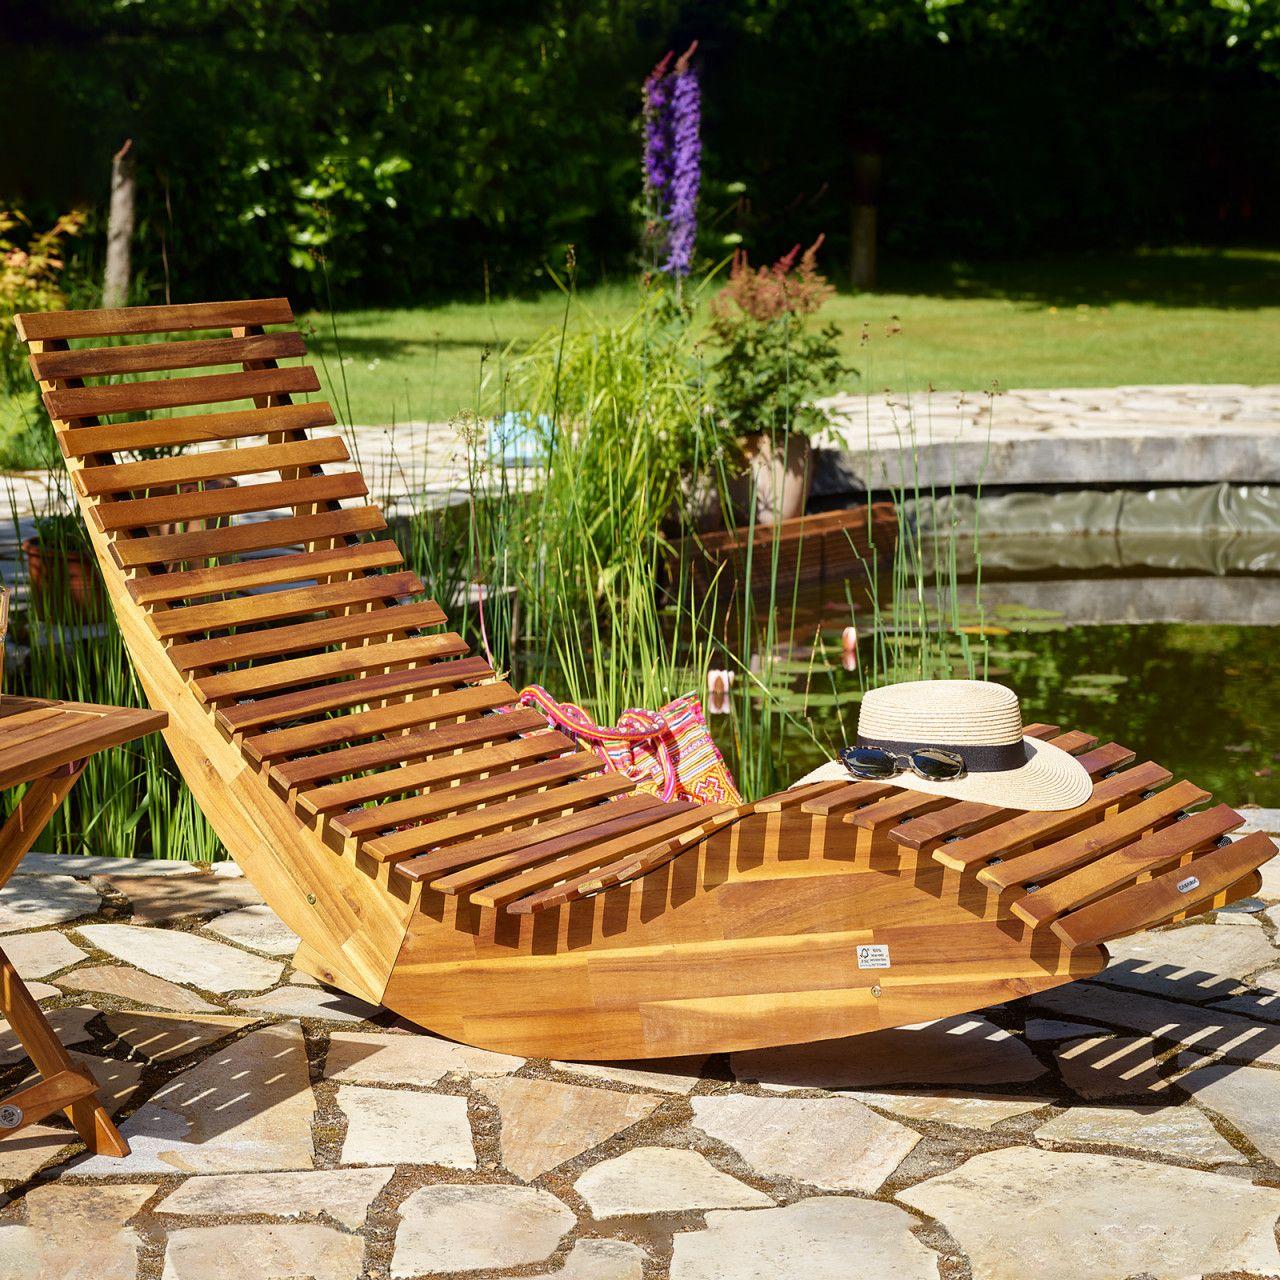 Diese Robuste Schwungliege Aus Akazienholz Zeichnet Sich Durch Ihre Ergonomische Form Und Einzigartigen Wippfunktion Aus In 2020 Holzliege Gartenmobel Holz Gartenmobel